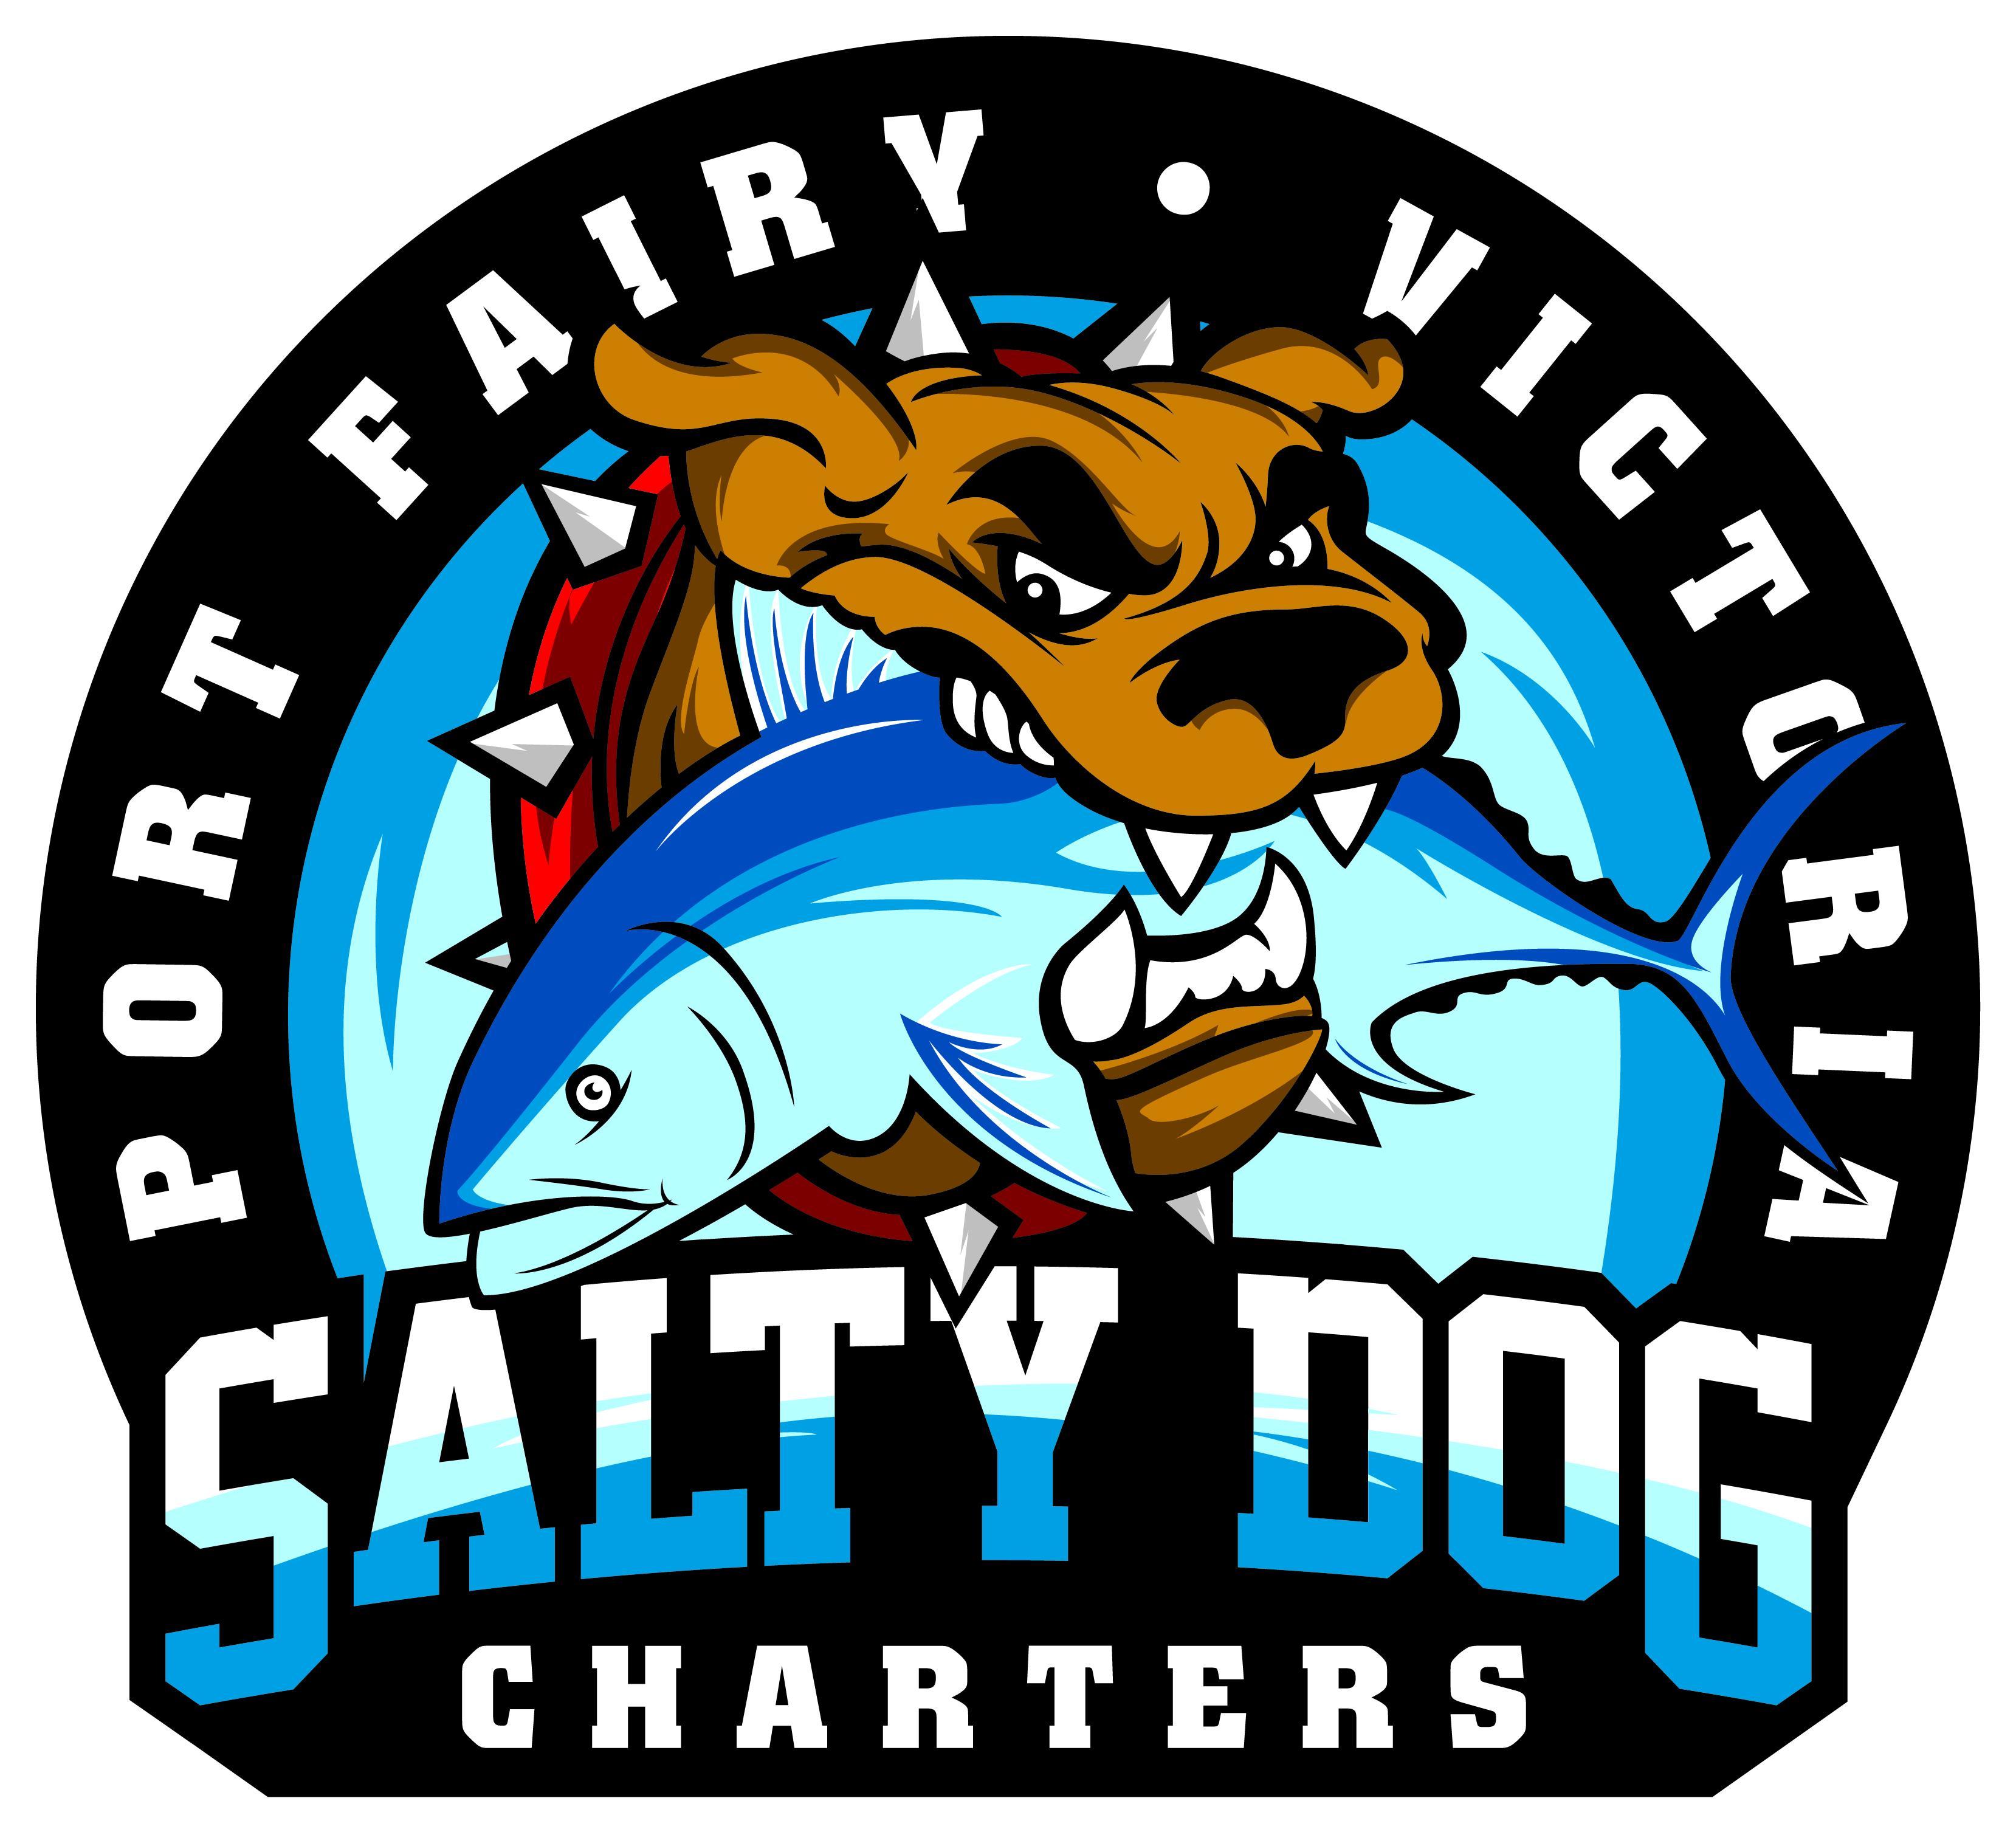 salty dog charter